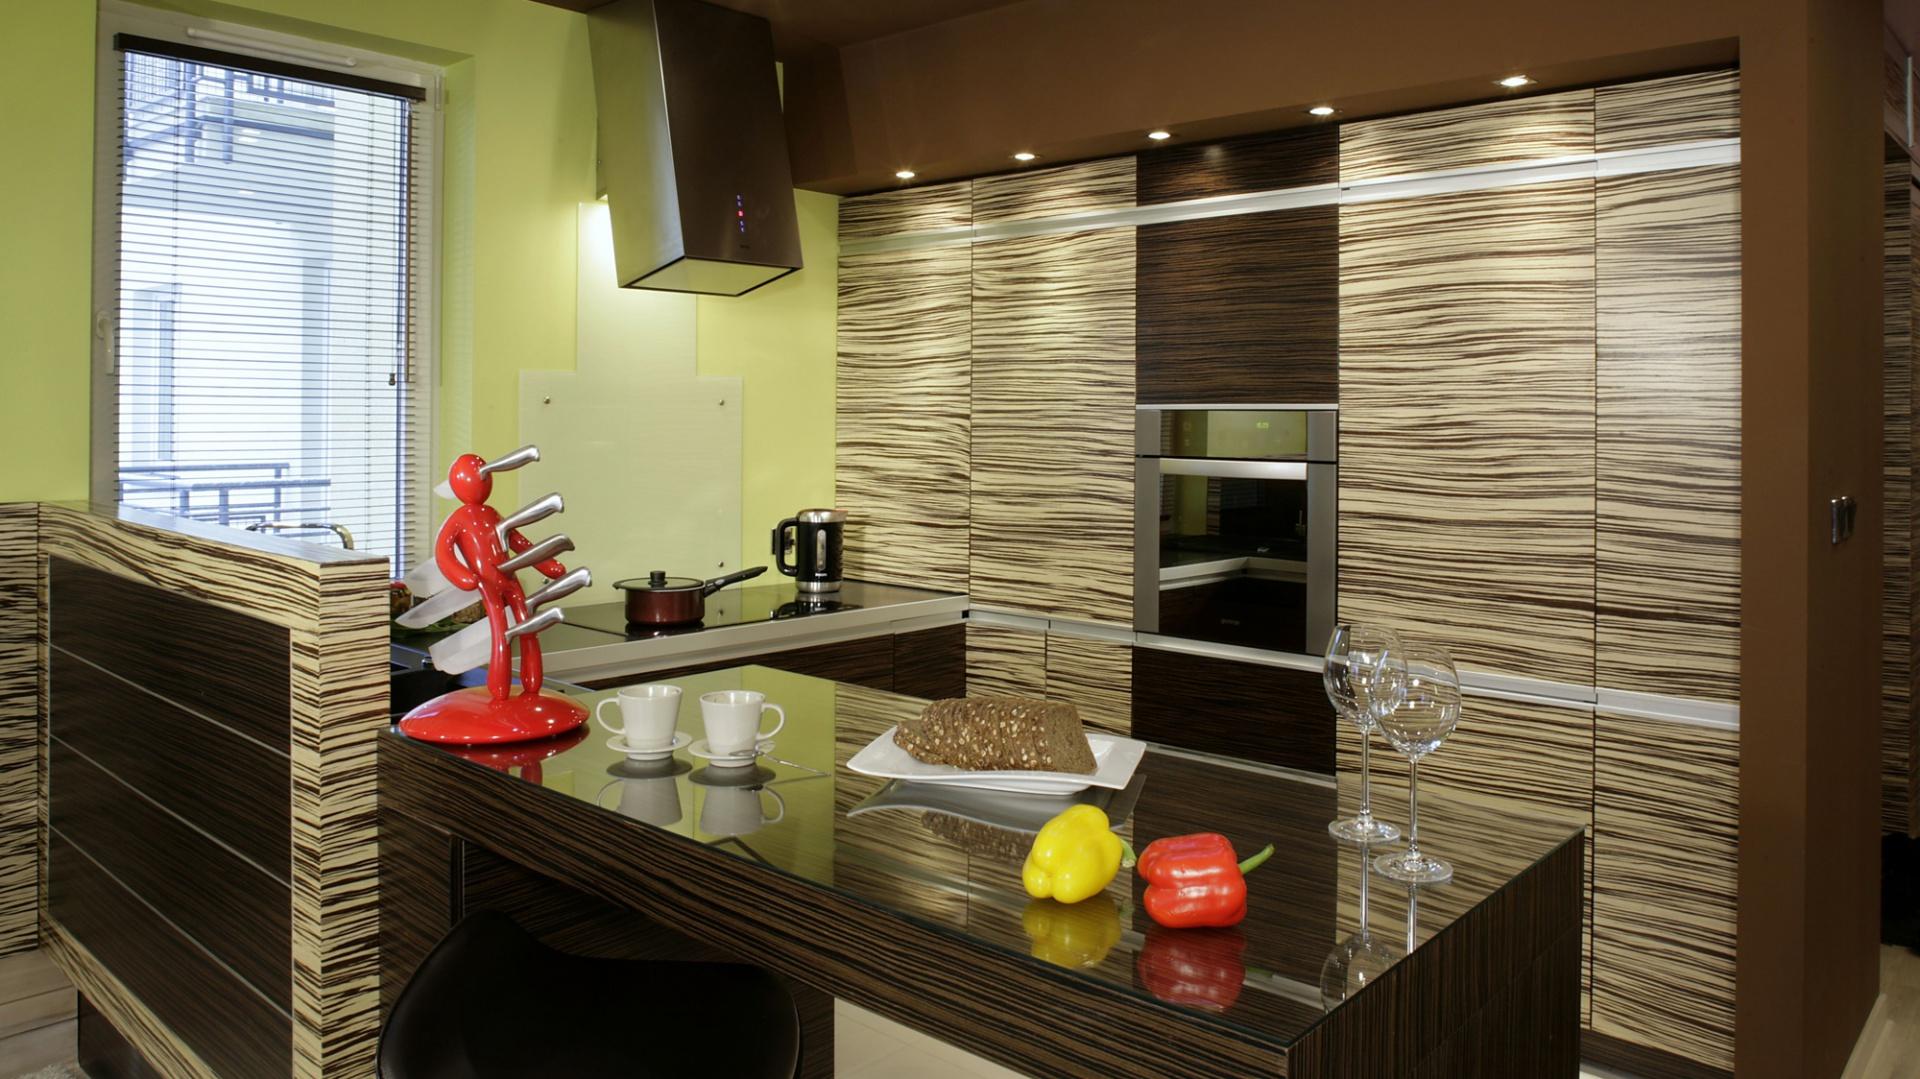 Przykryty szkłem półwysep stał się nie tylko ulubionym miejscem spożywania, ale też przyrządzania posiłków. Fot. Monika Filipiuk.